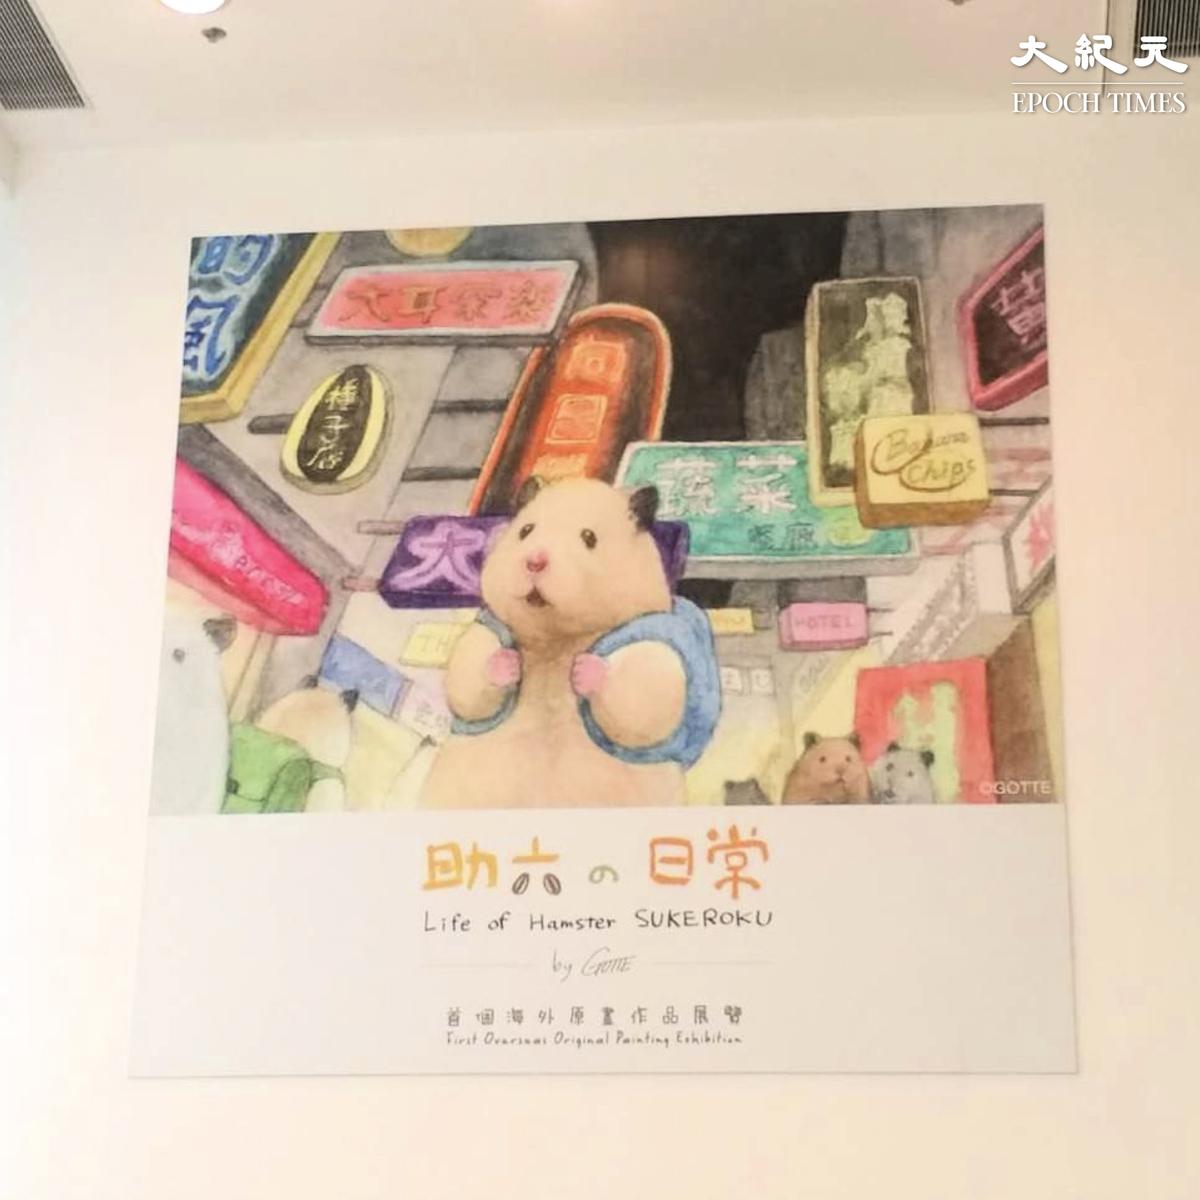 《助六遊香港》系列作品之一,在霓虹燈下觀摩香港街道的助六。(樂樂/大紀元)